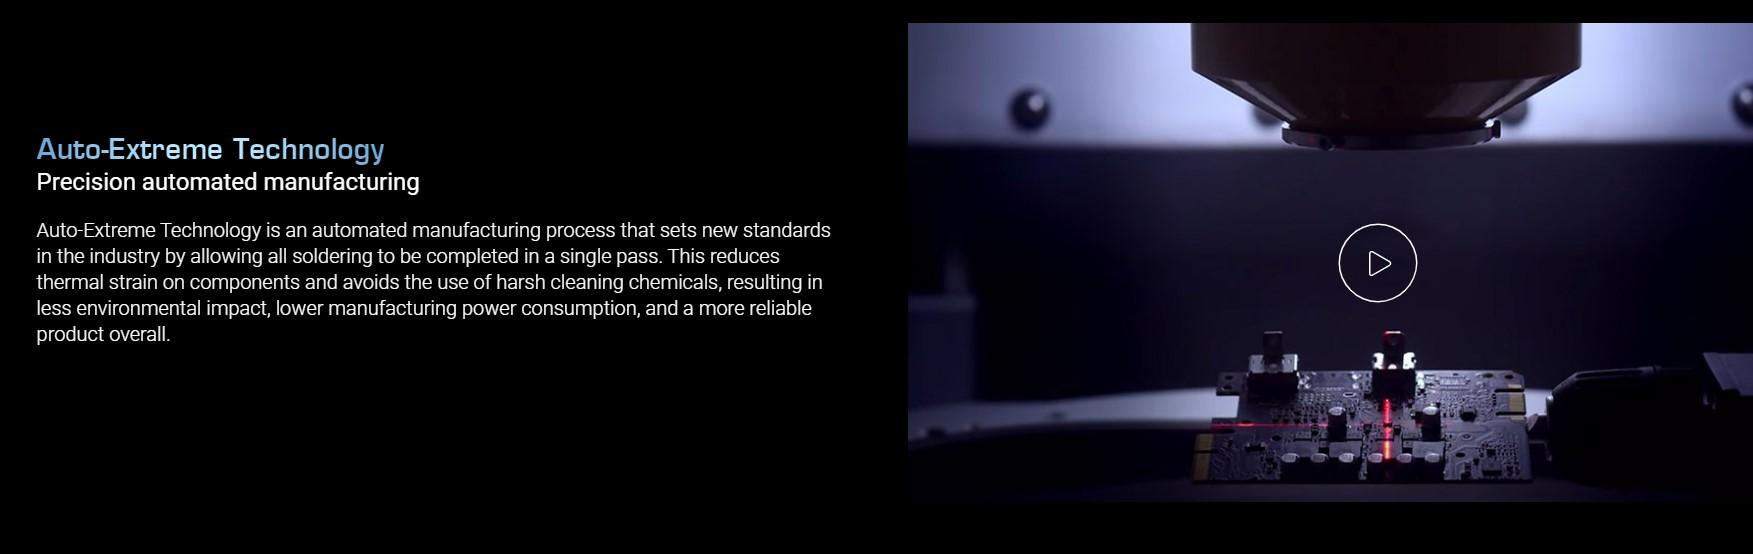 Card màn hình Asus DUAL RTX 3060